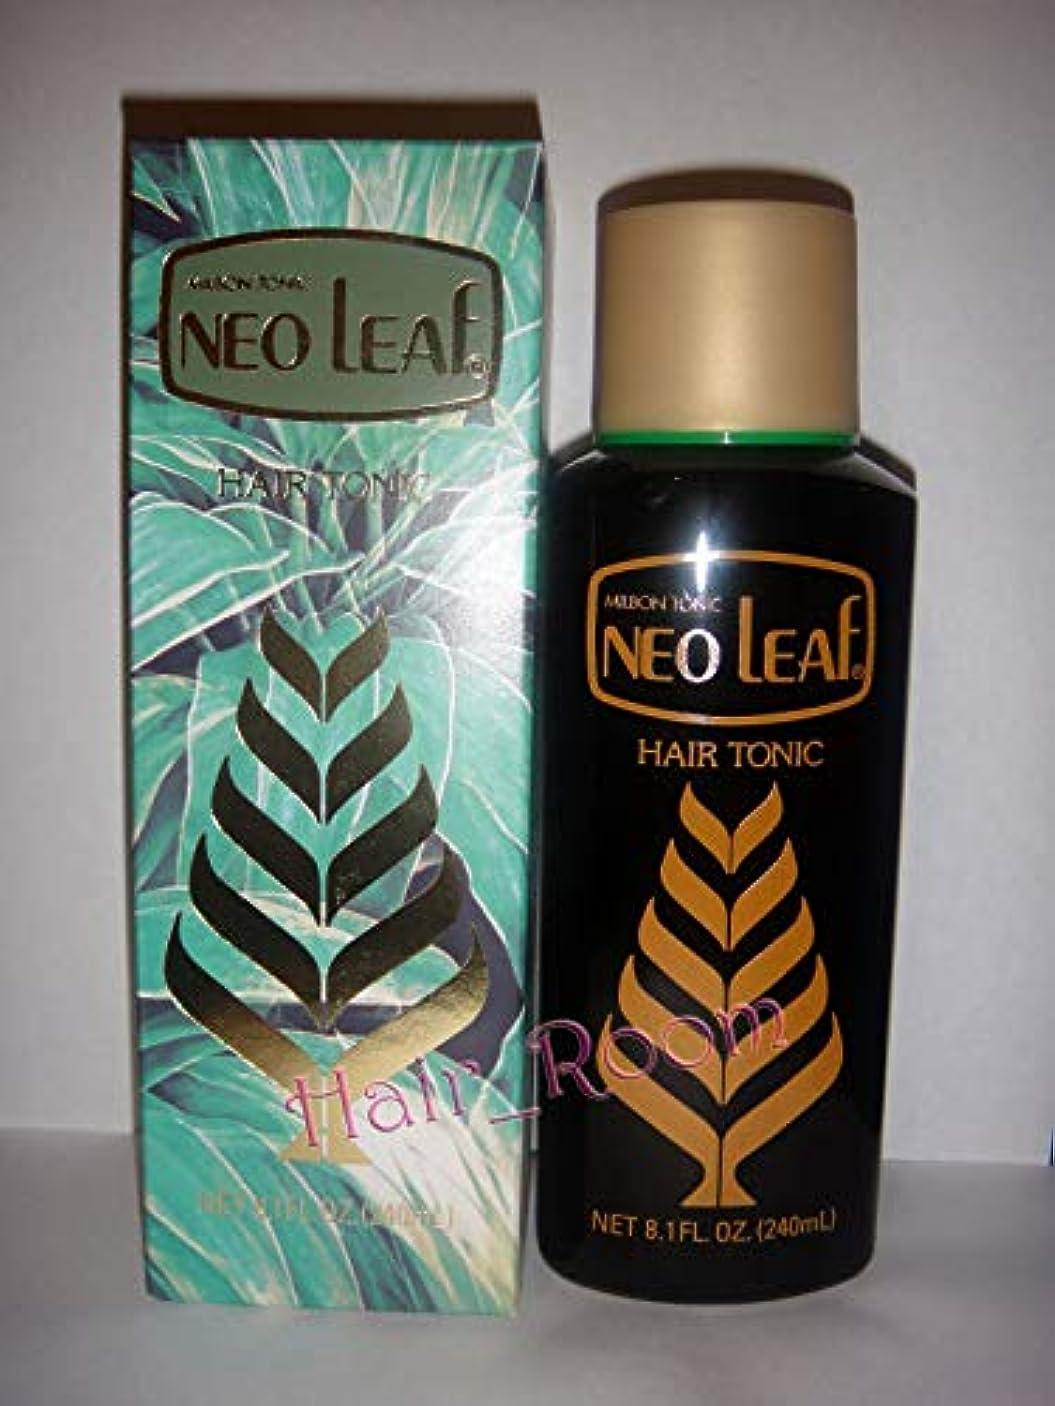 ハーネス研究不安Neo Leaf ミルボントニックヘアトニック240ミリリットル日本 - ハーブ抽出成分が毛根に栄養を与えます